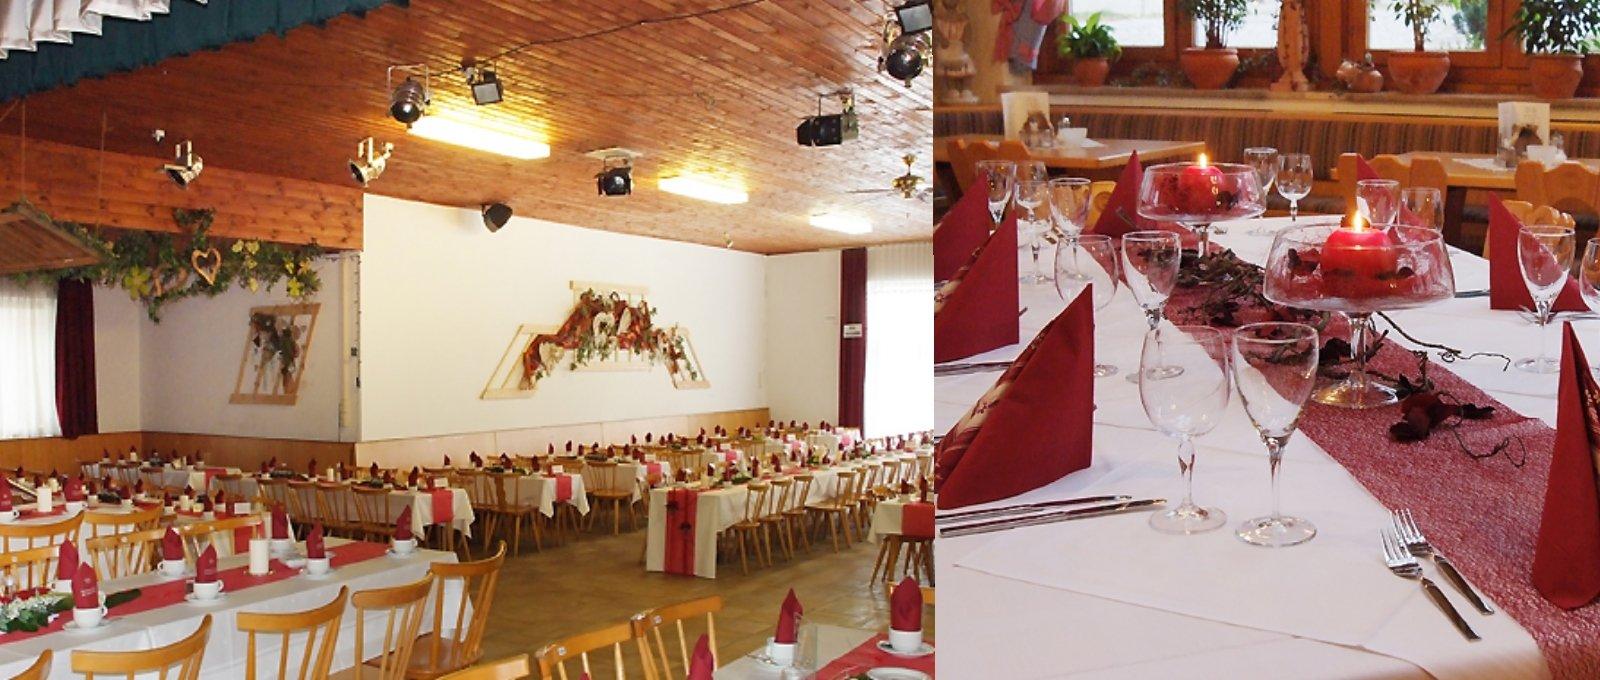 Party Location für Firmenfeiern und Familienfeiern im Landkreis Regen